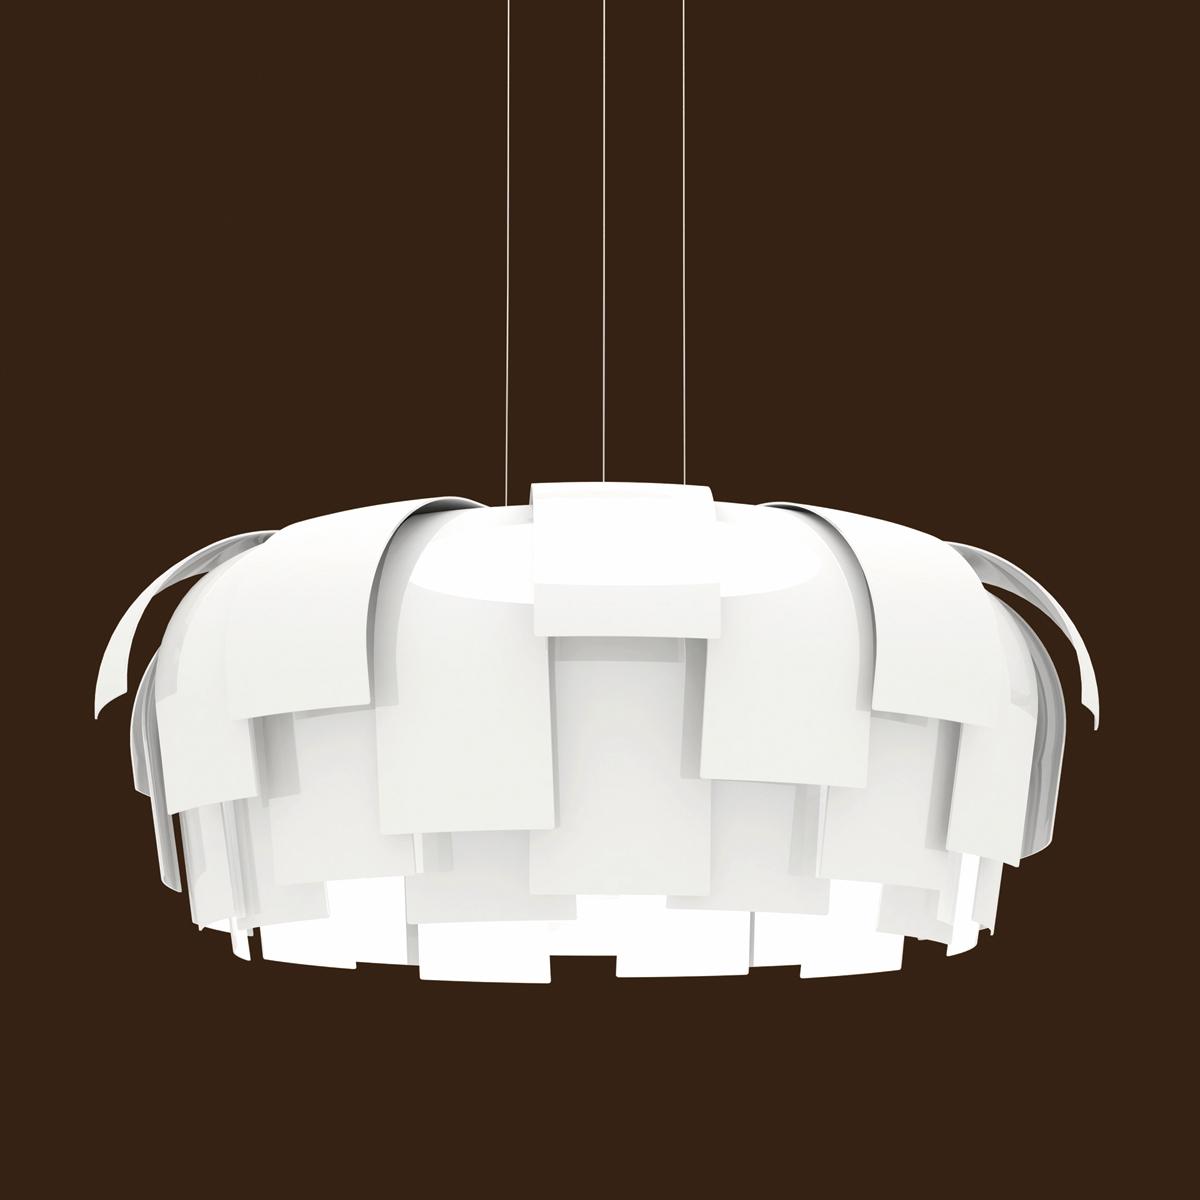 fontana arte wig pendelleuchte. Black Bedroom Furniture Sets. Home Design Ideas